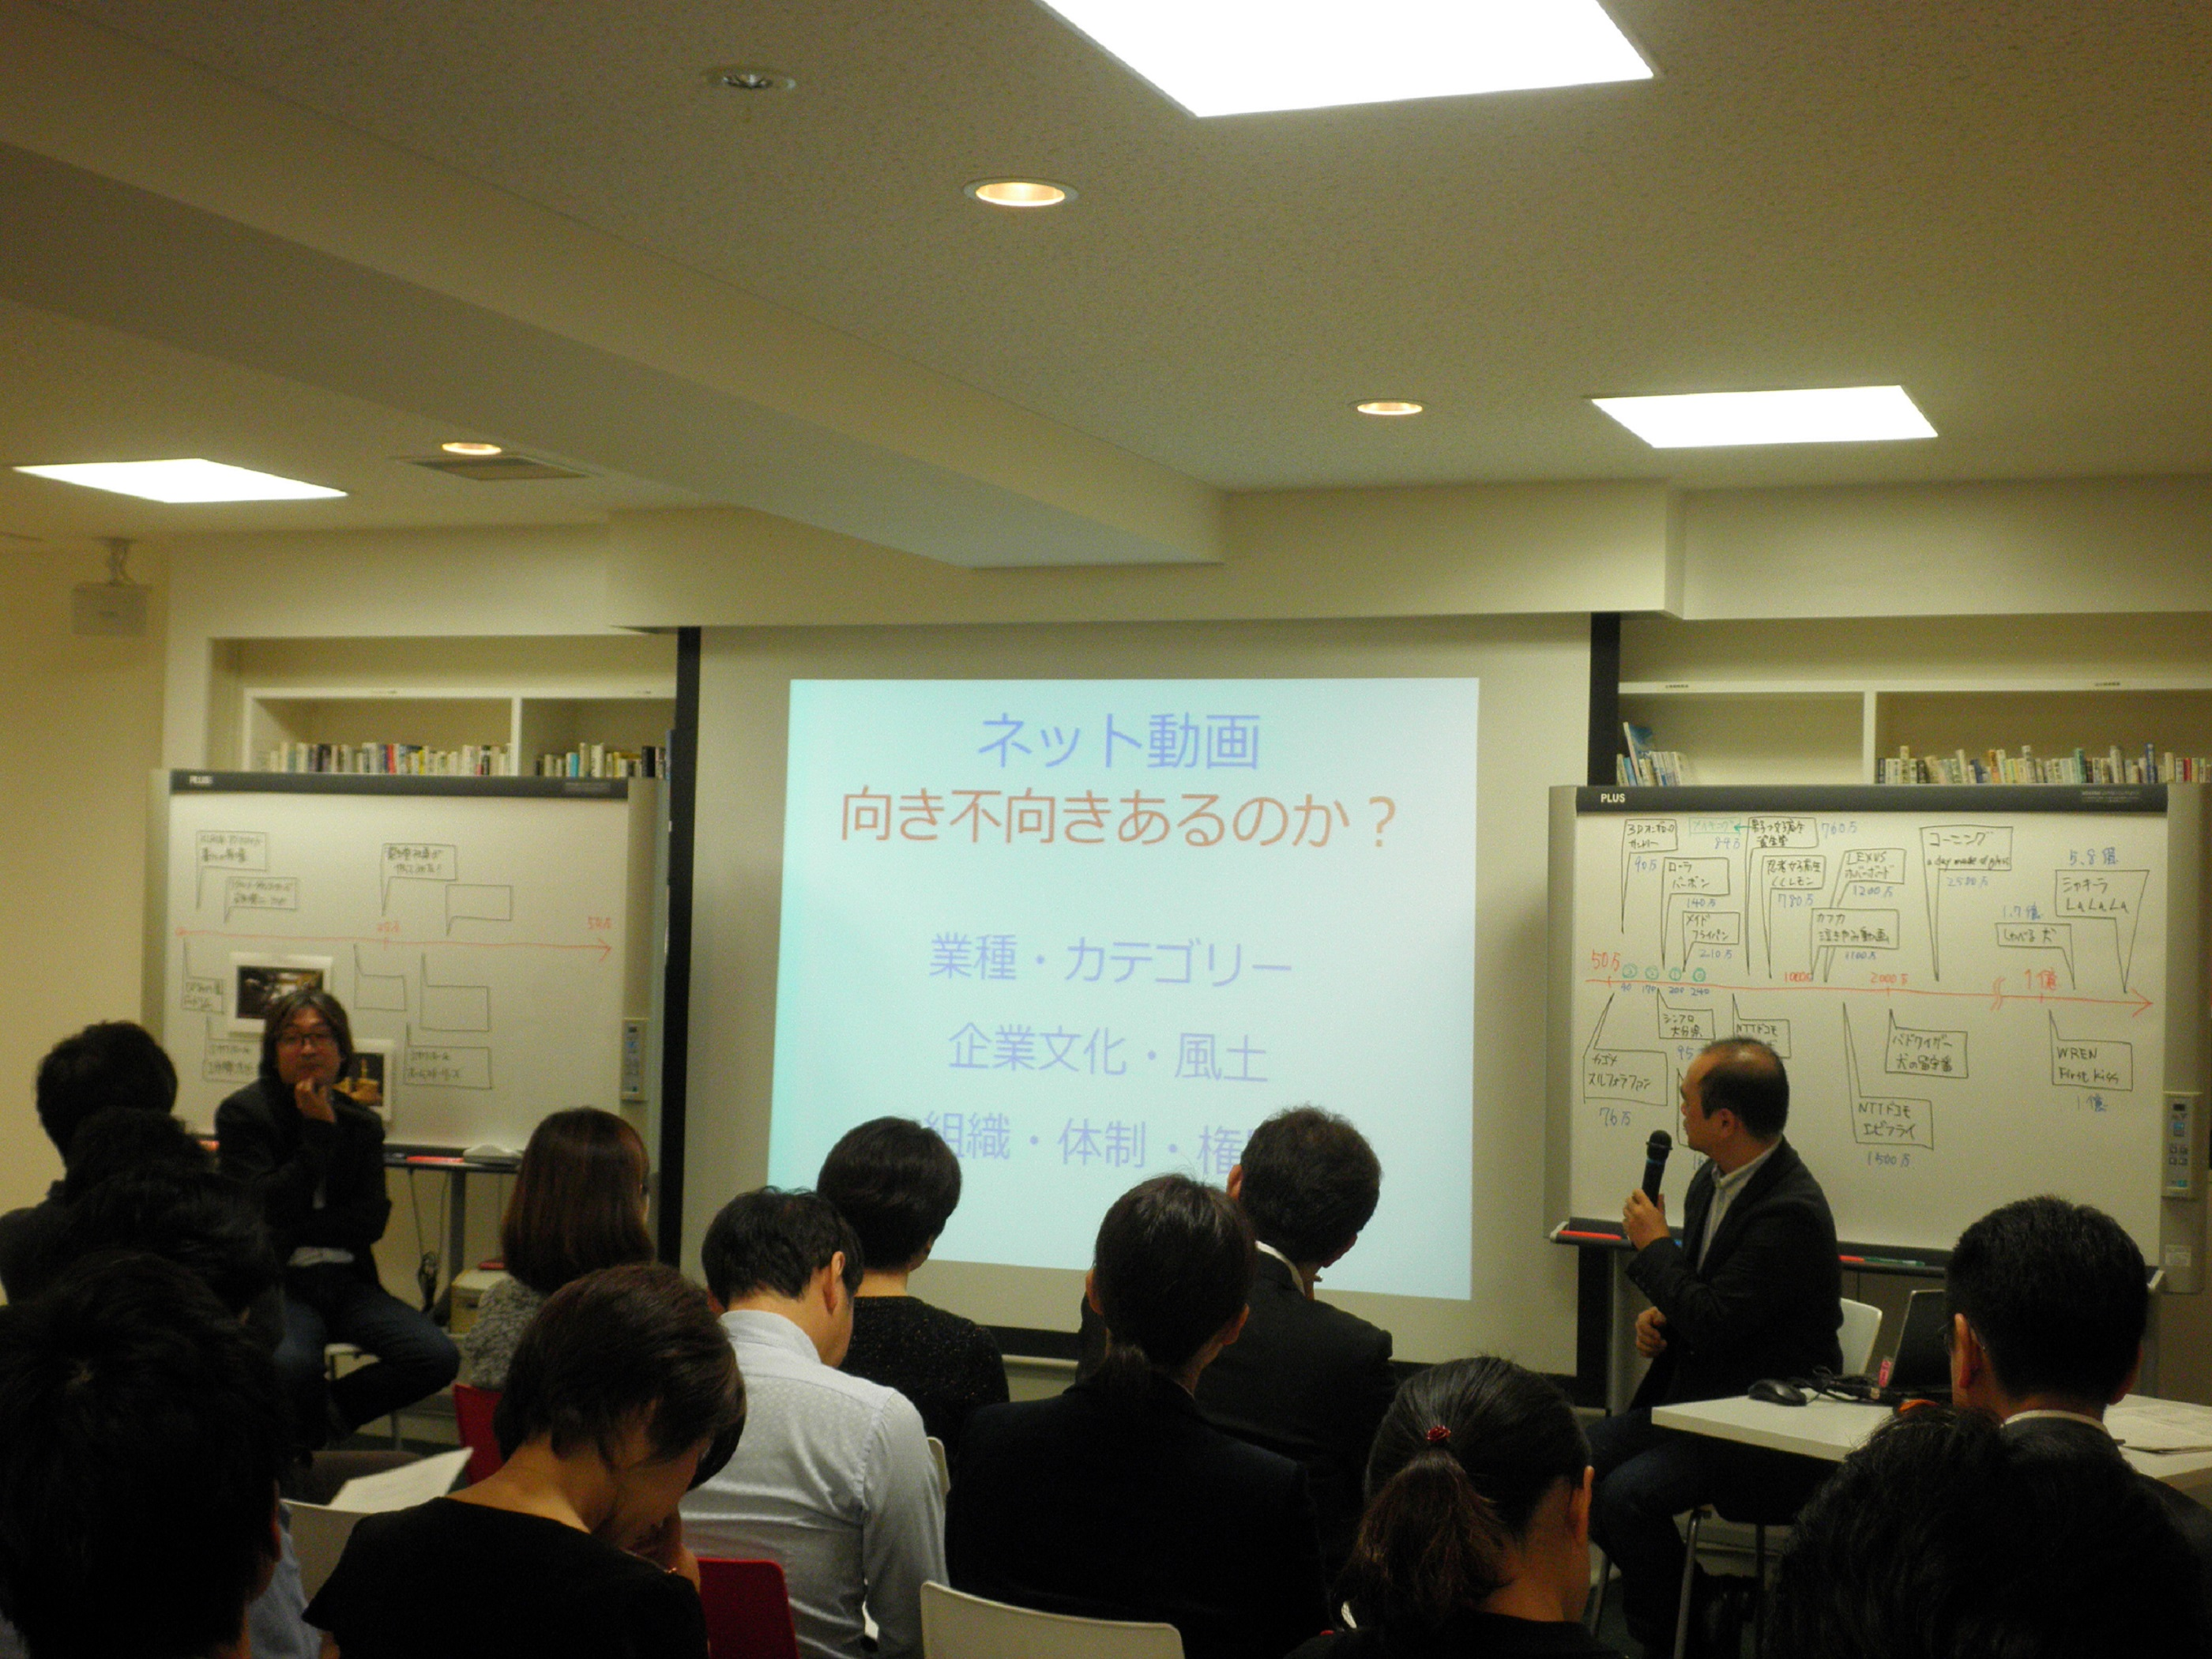 【セミナーレポート 】11/11(水)インテグレート 主催「消費者を本当に「動かす」仕掛けとは?PR発想を起点としたブランデッドなコンテンツのつくり方」